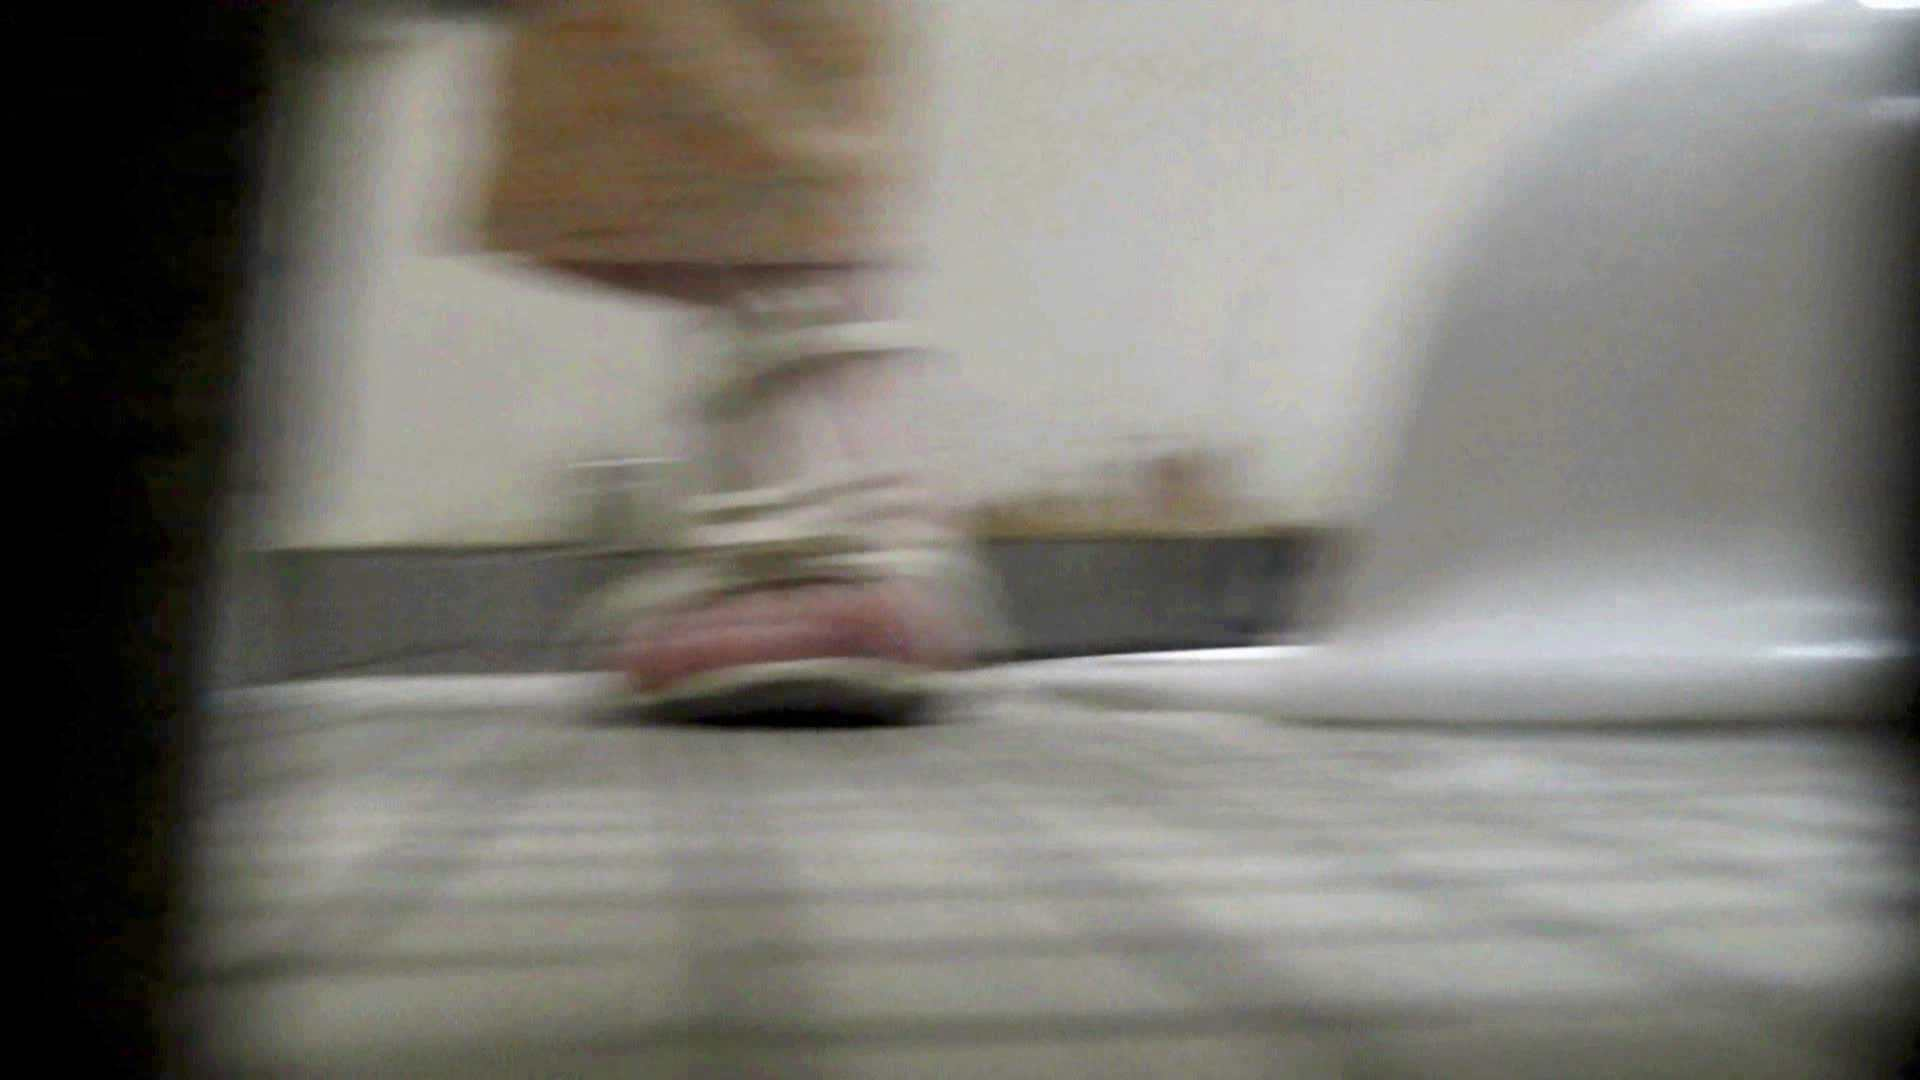 洗面所特攻隊 vol.74 last 2総勢16名激撮【2015・29位】 お姉さん  95PIX 20